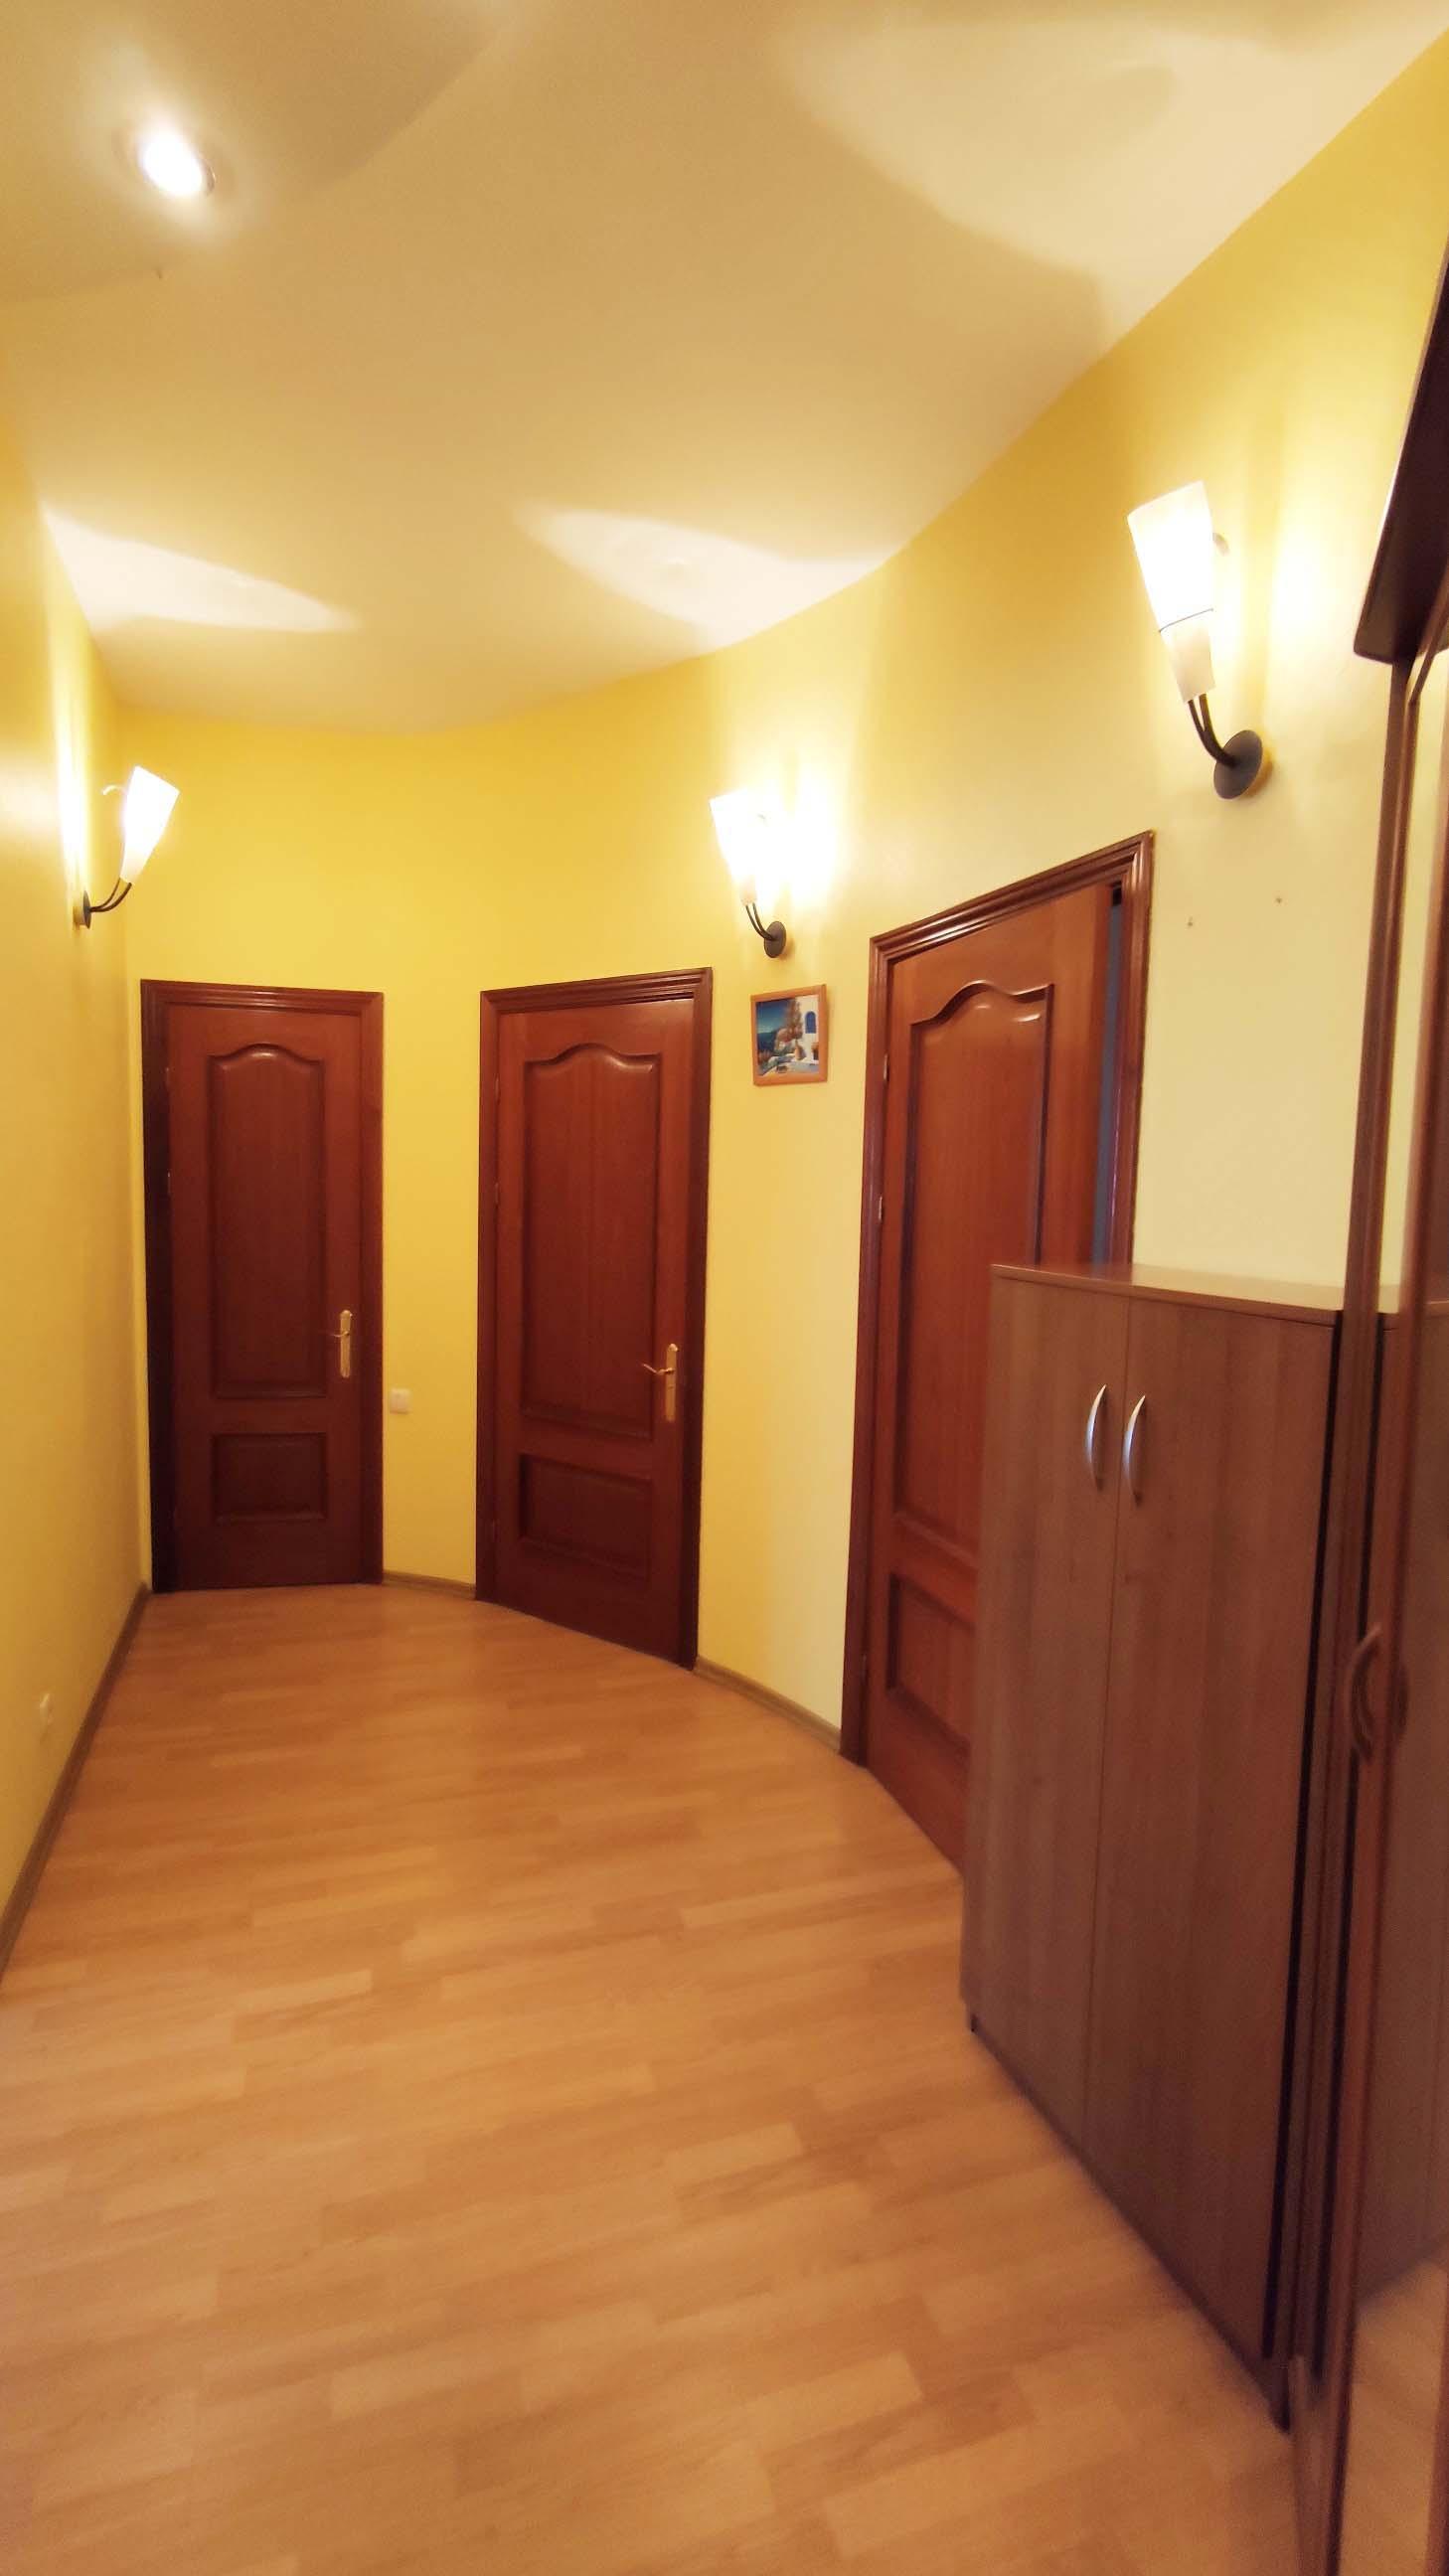 Квартира W-6478757, Січових Стрільців (Артема), Київ - Фото 9